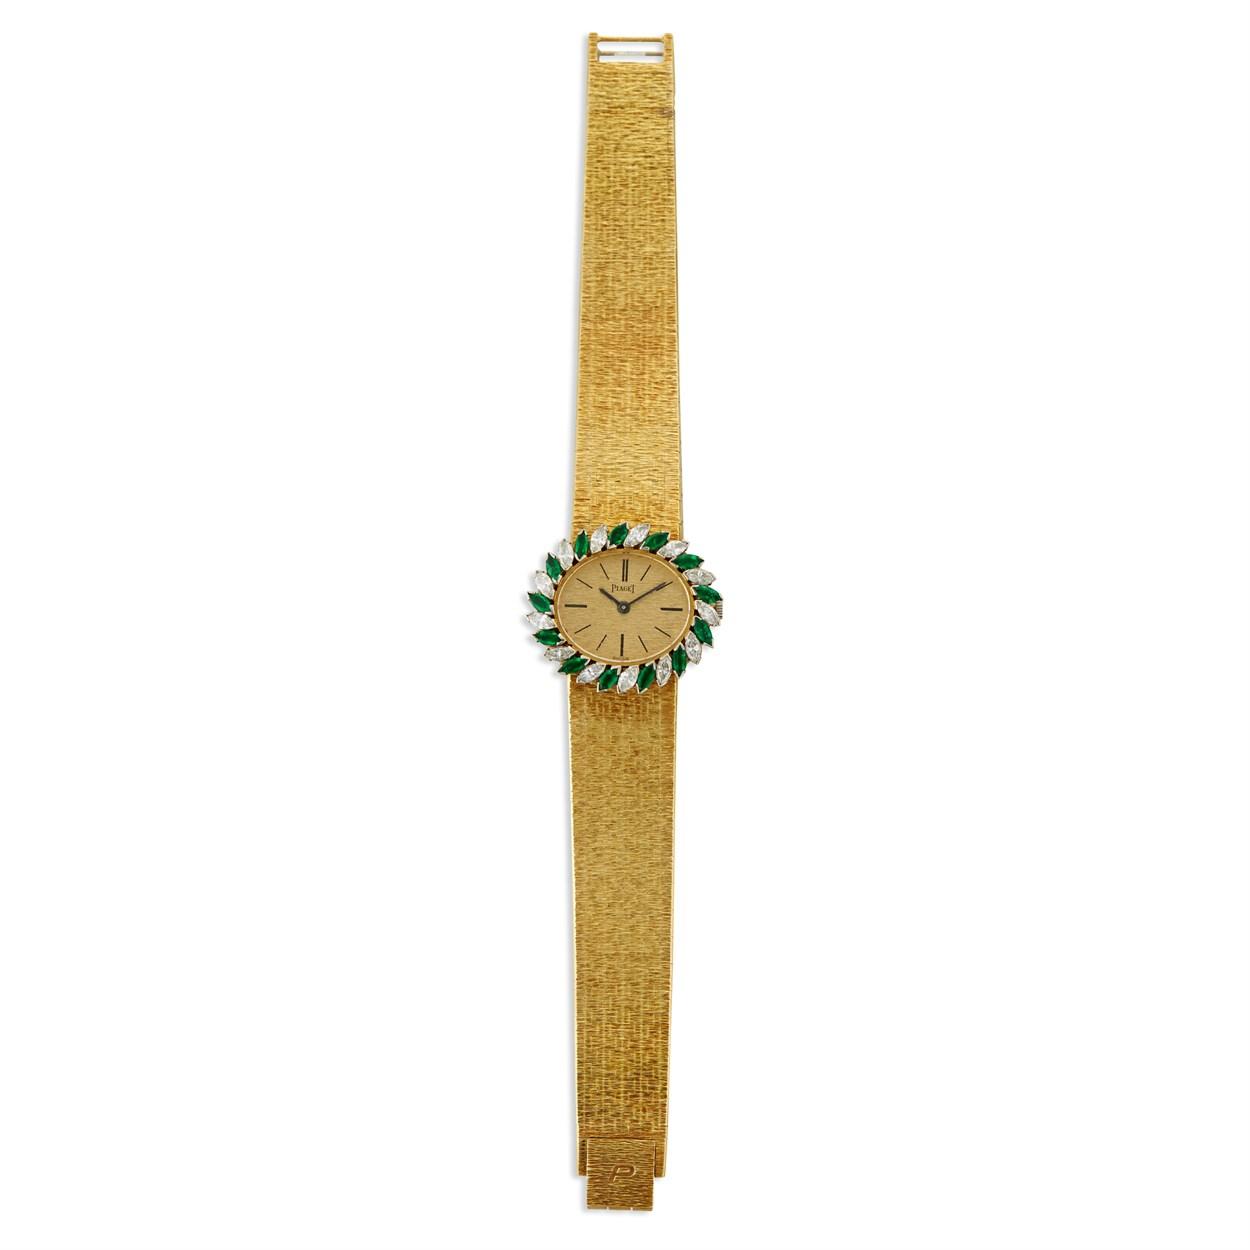 Lot 149 - An eighteen karat gold, diamond, and emerald bracelet wristwatch, Piaget